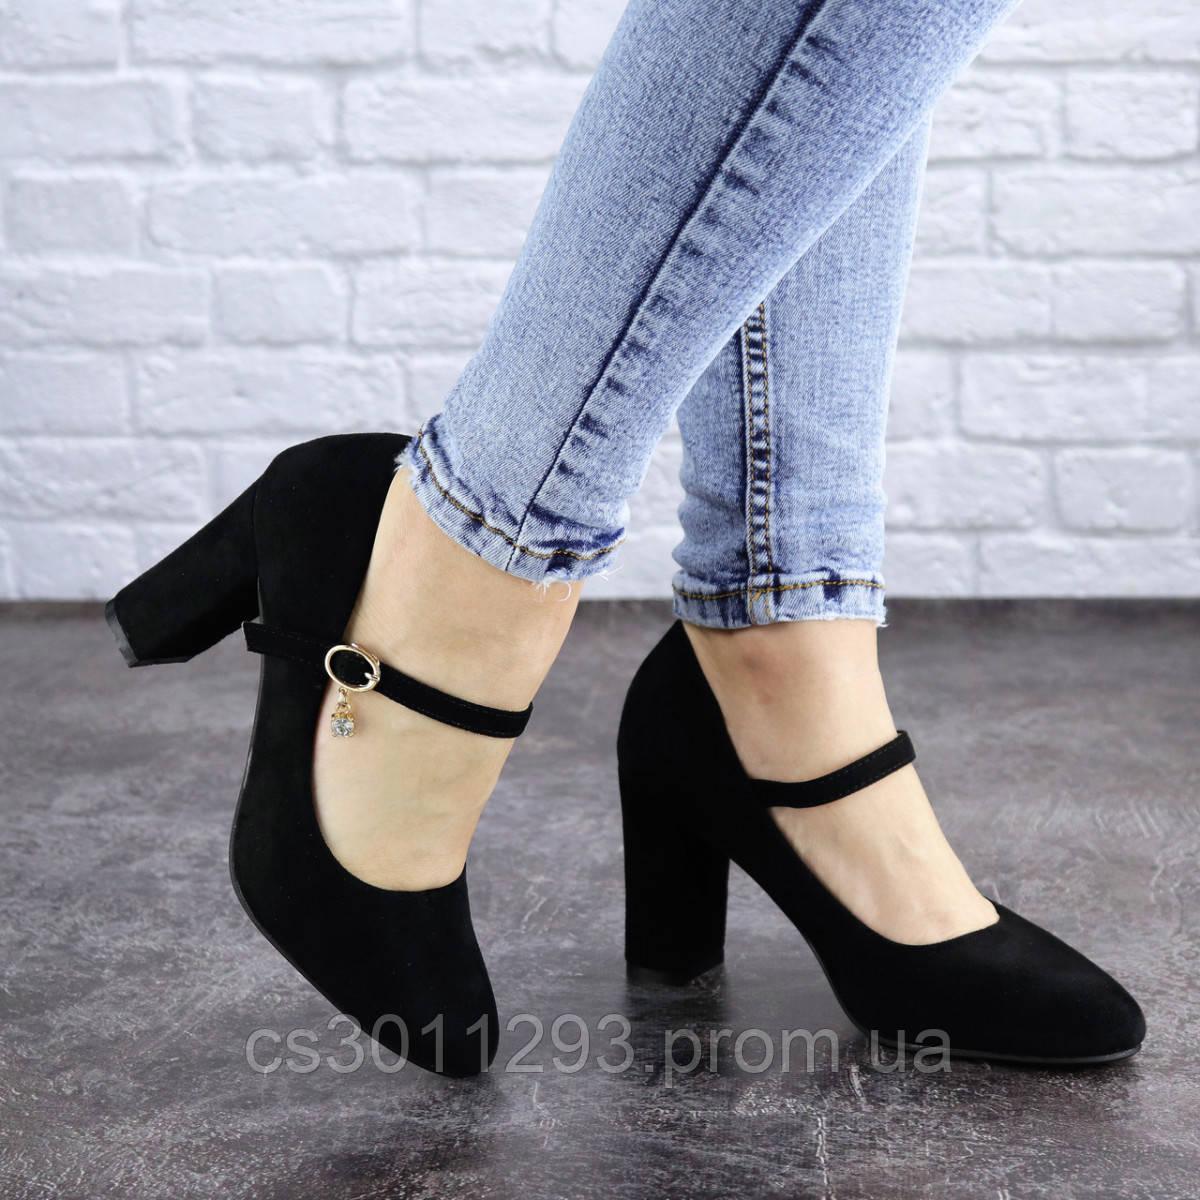 Туфли женские на каблуке Fashion Morita 2042 36 размер 23,5 см Черный